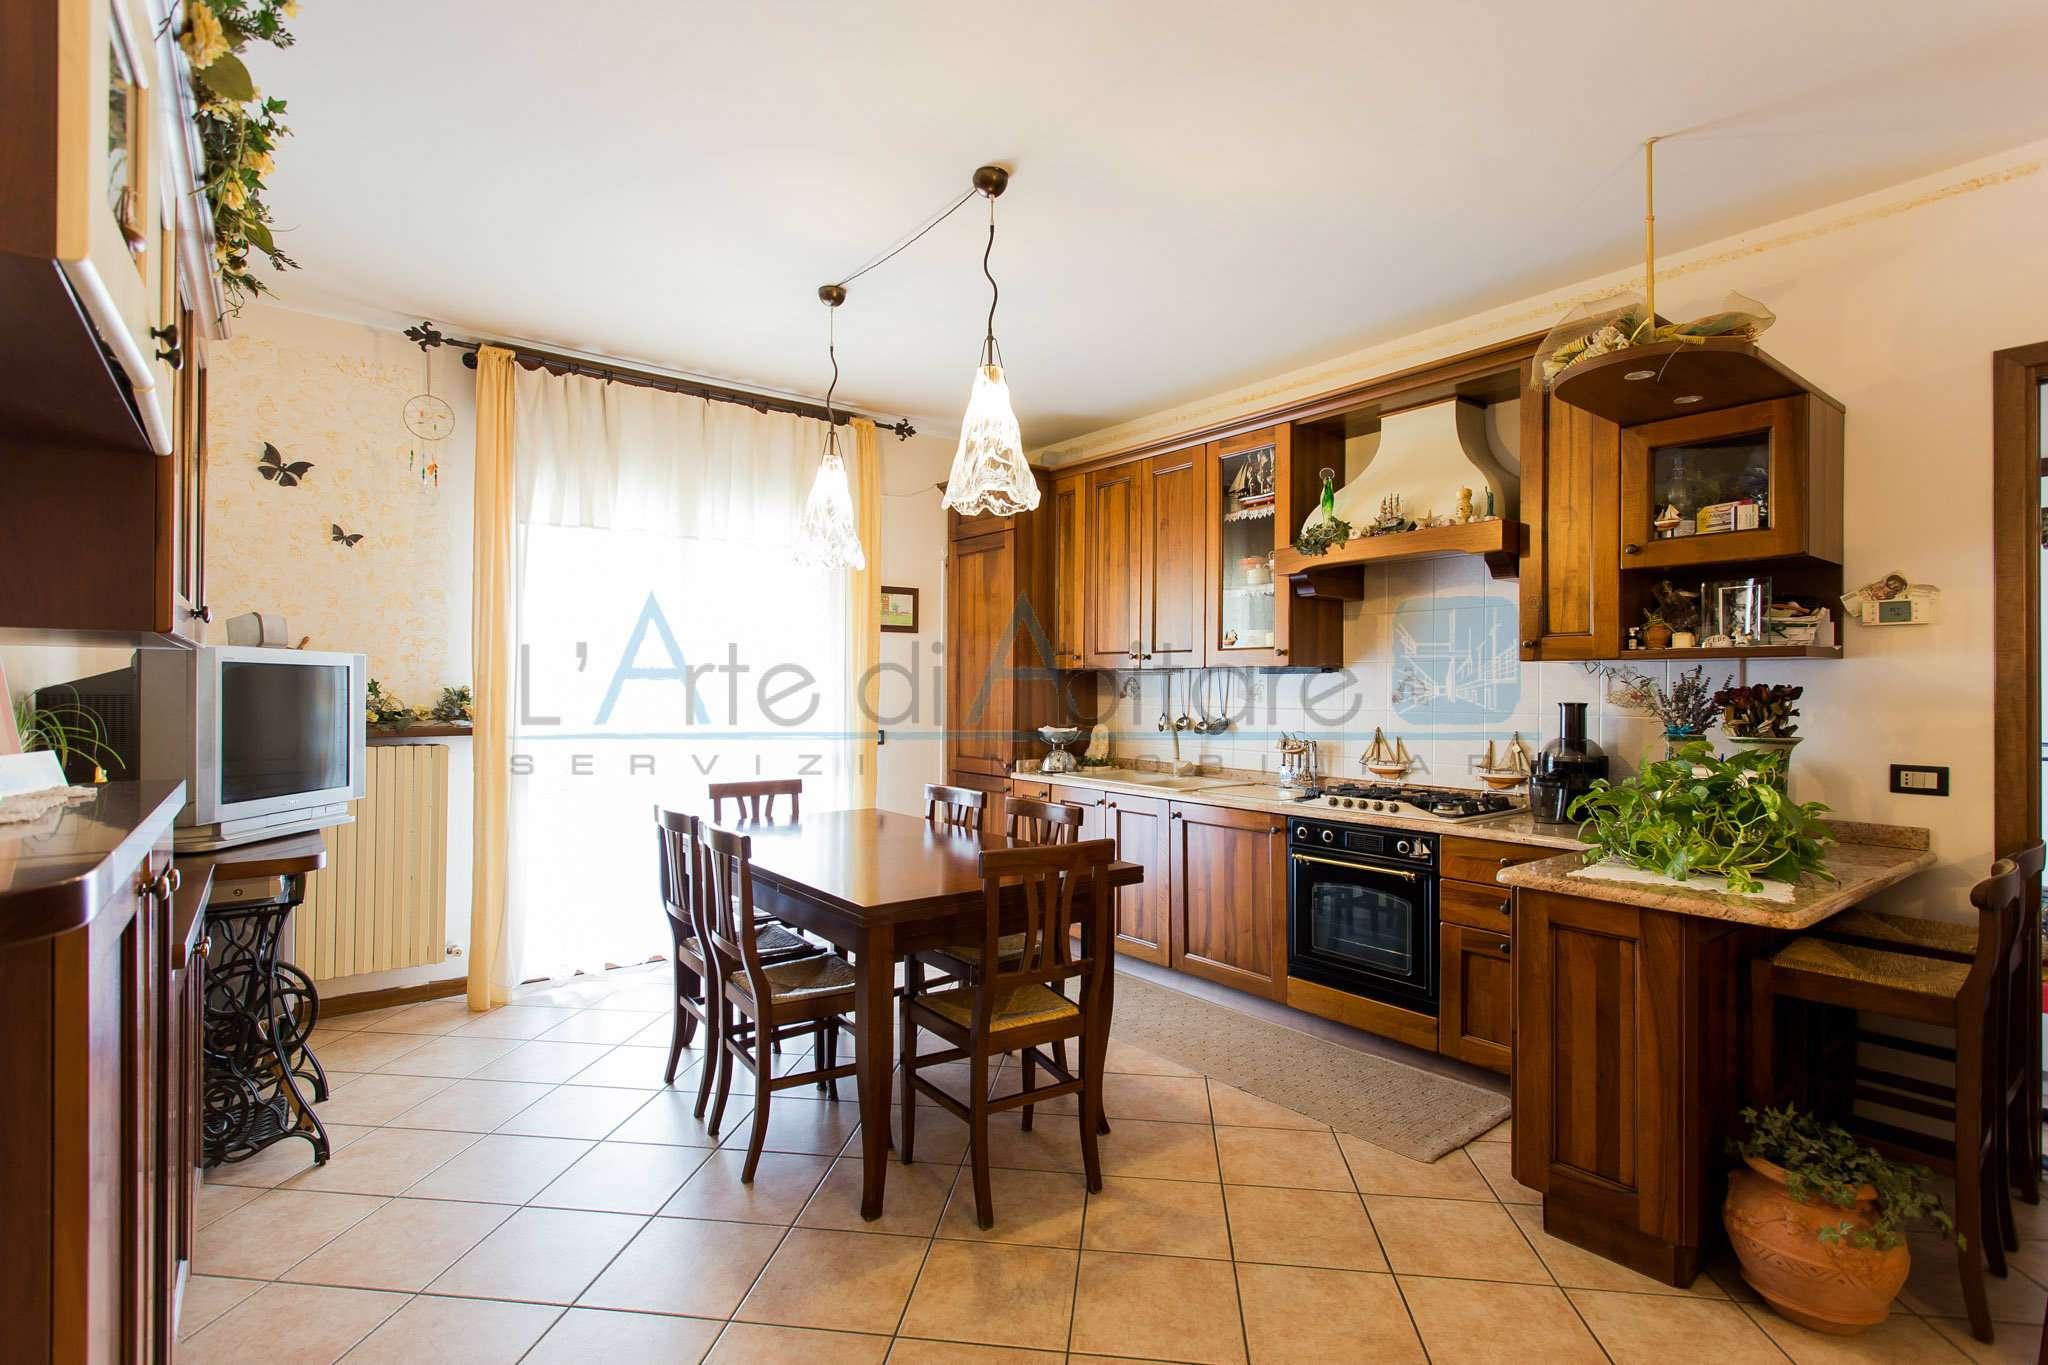 Appartamento in Vendita a Brugine